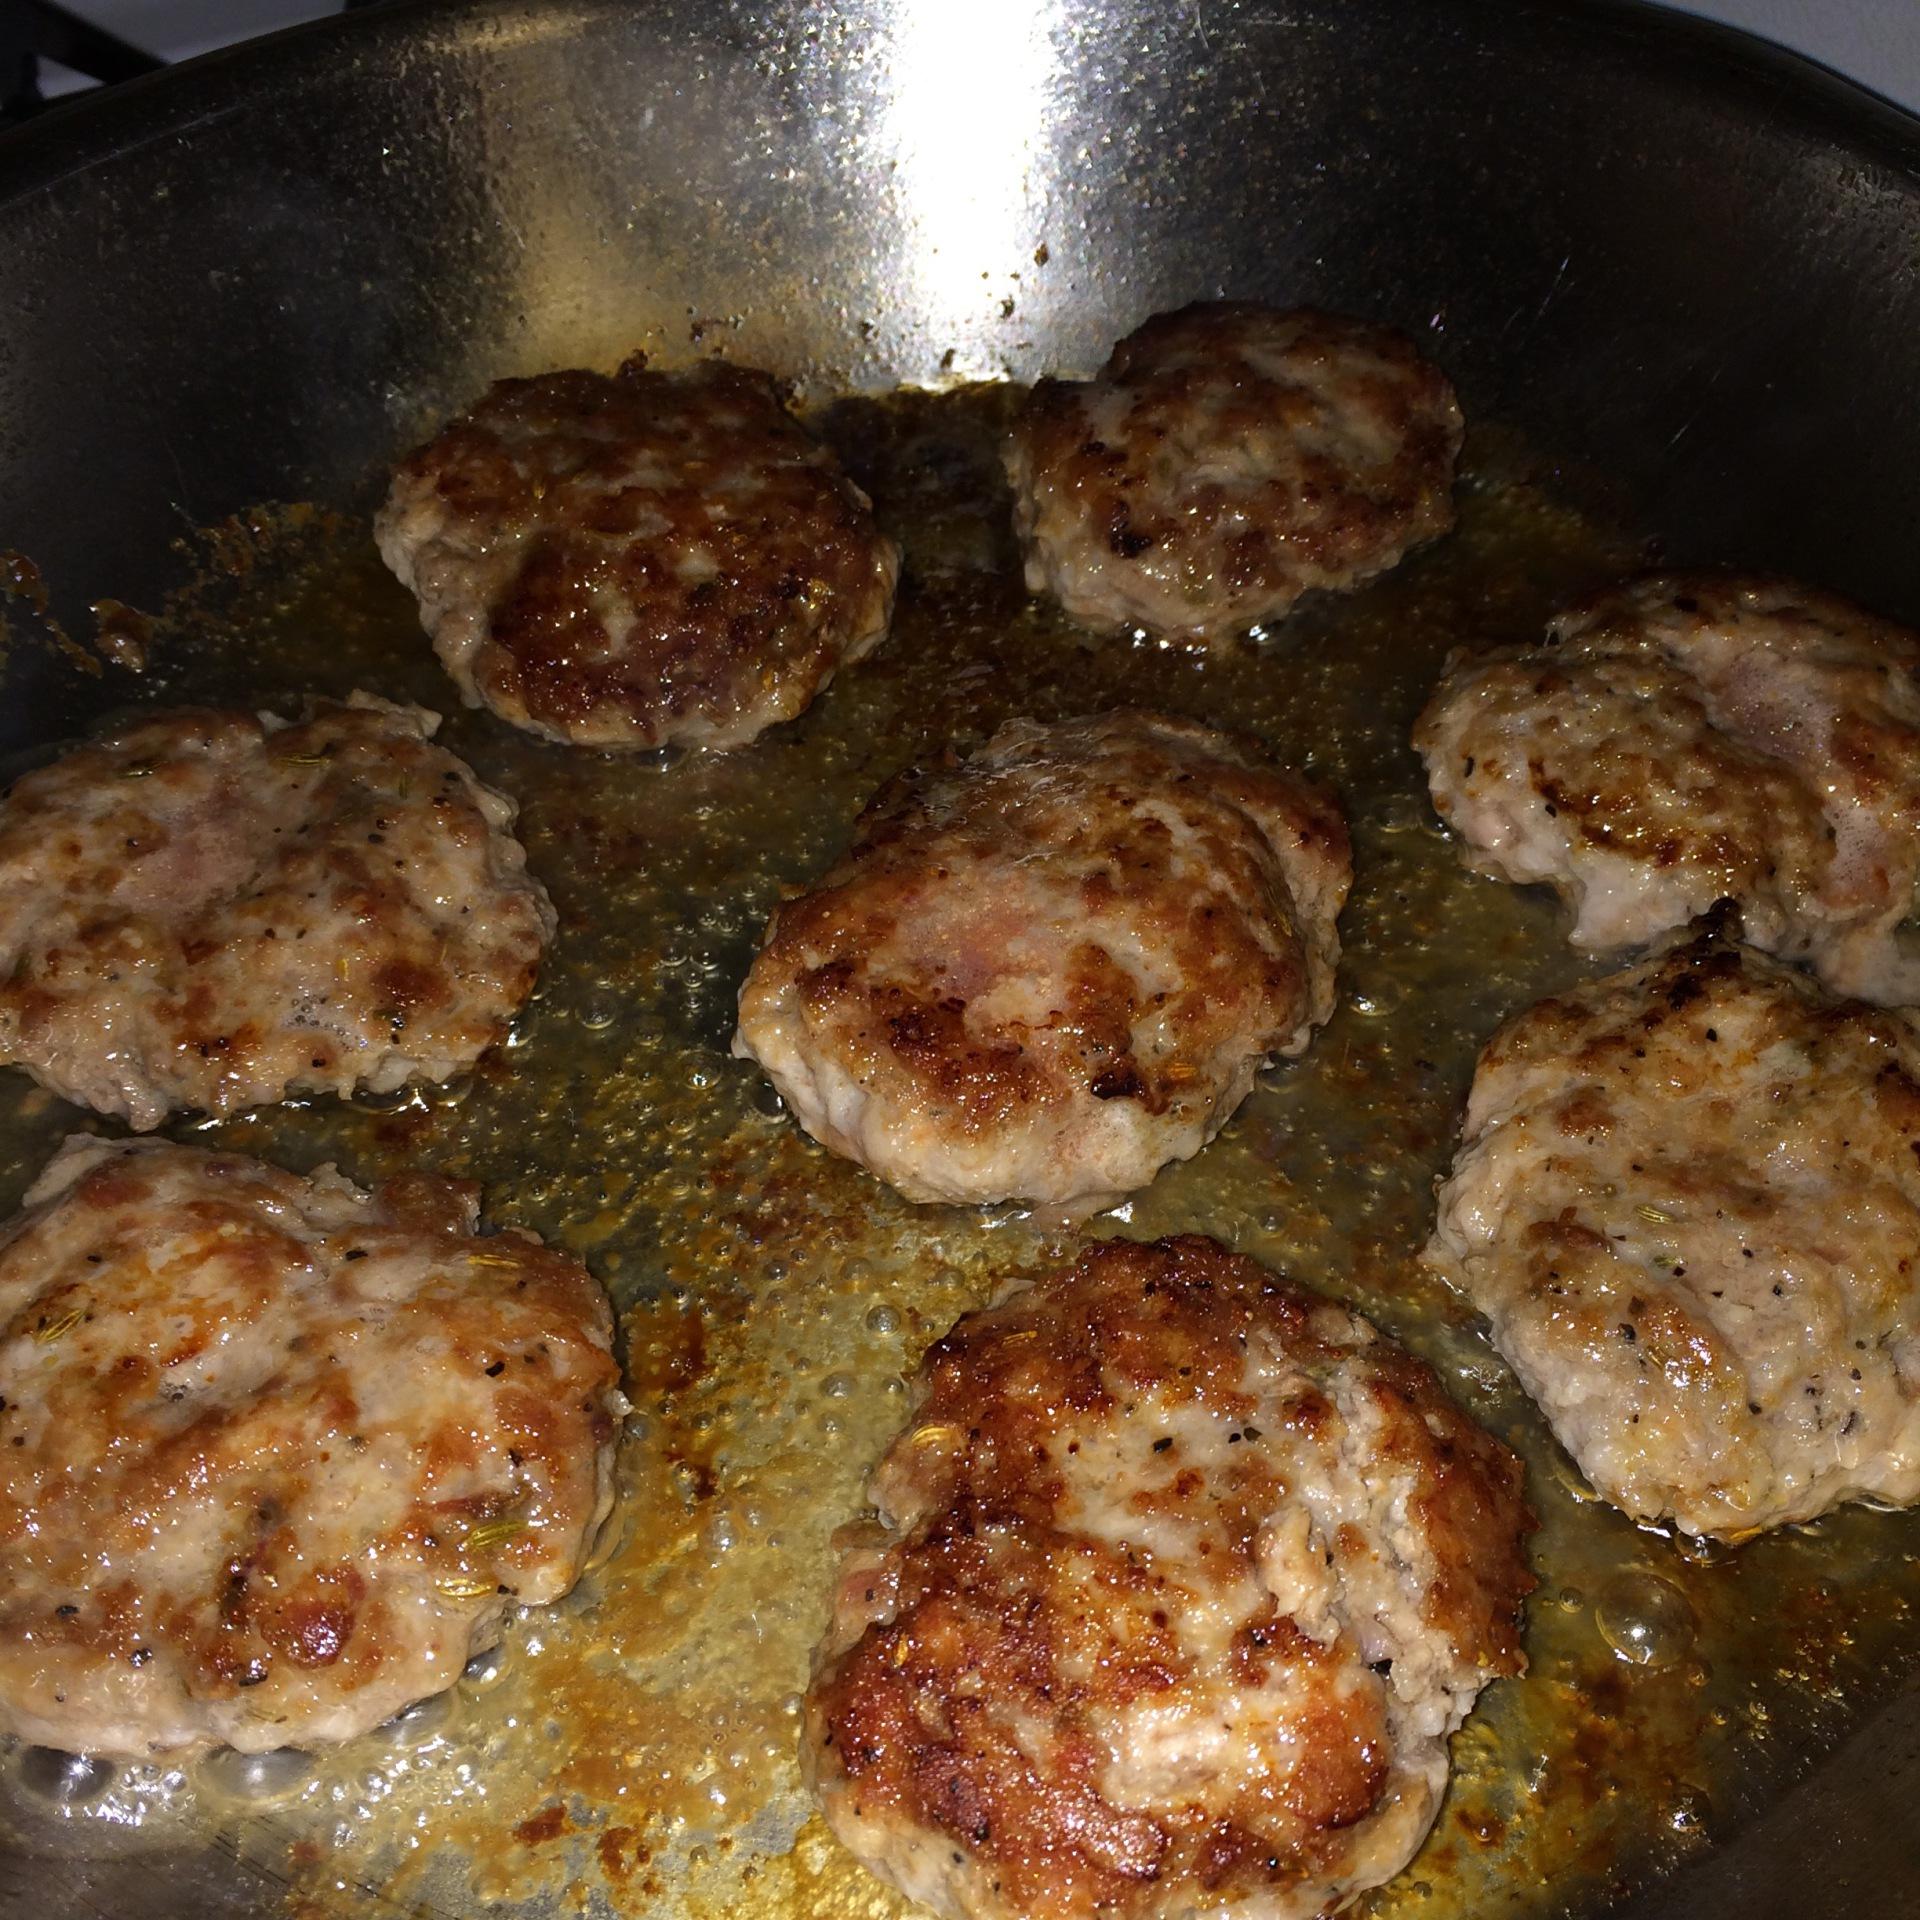 Homemade Maple Sausage Patties